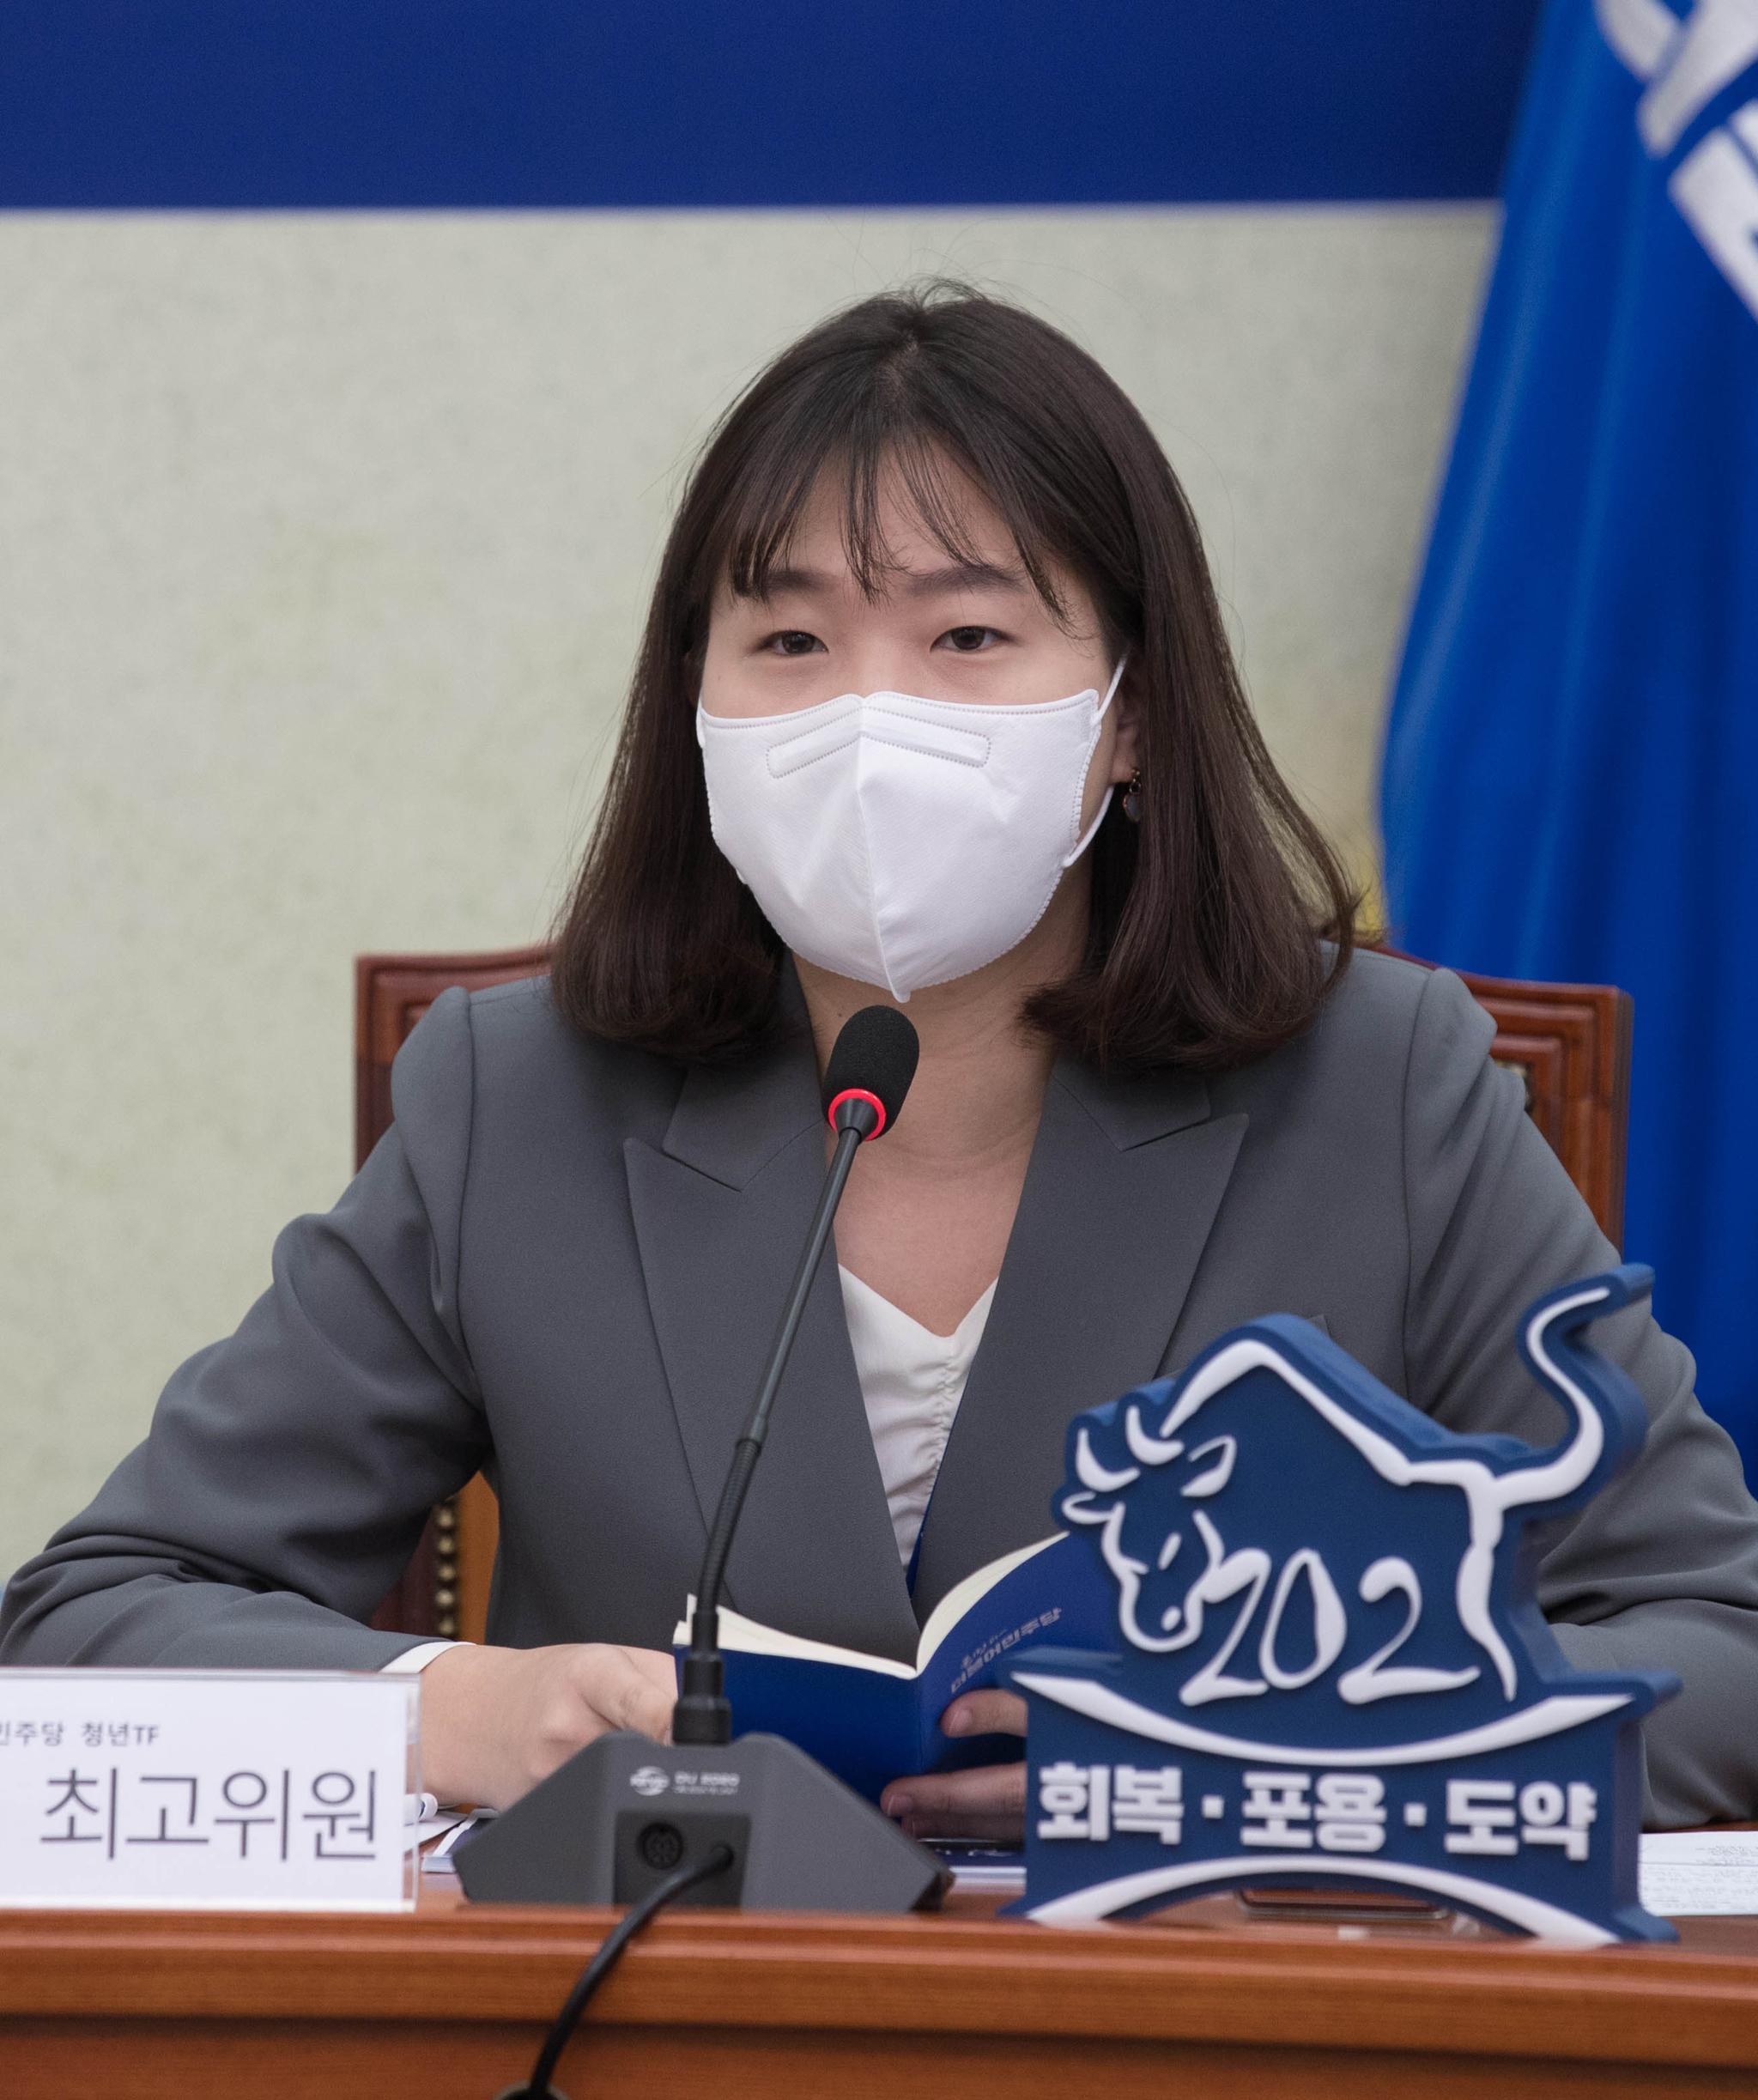 청와대 청년비서관으로 임명된 박성민 전 더불어민주당 최고위원. 오종택 기자